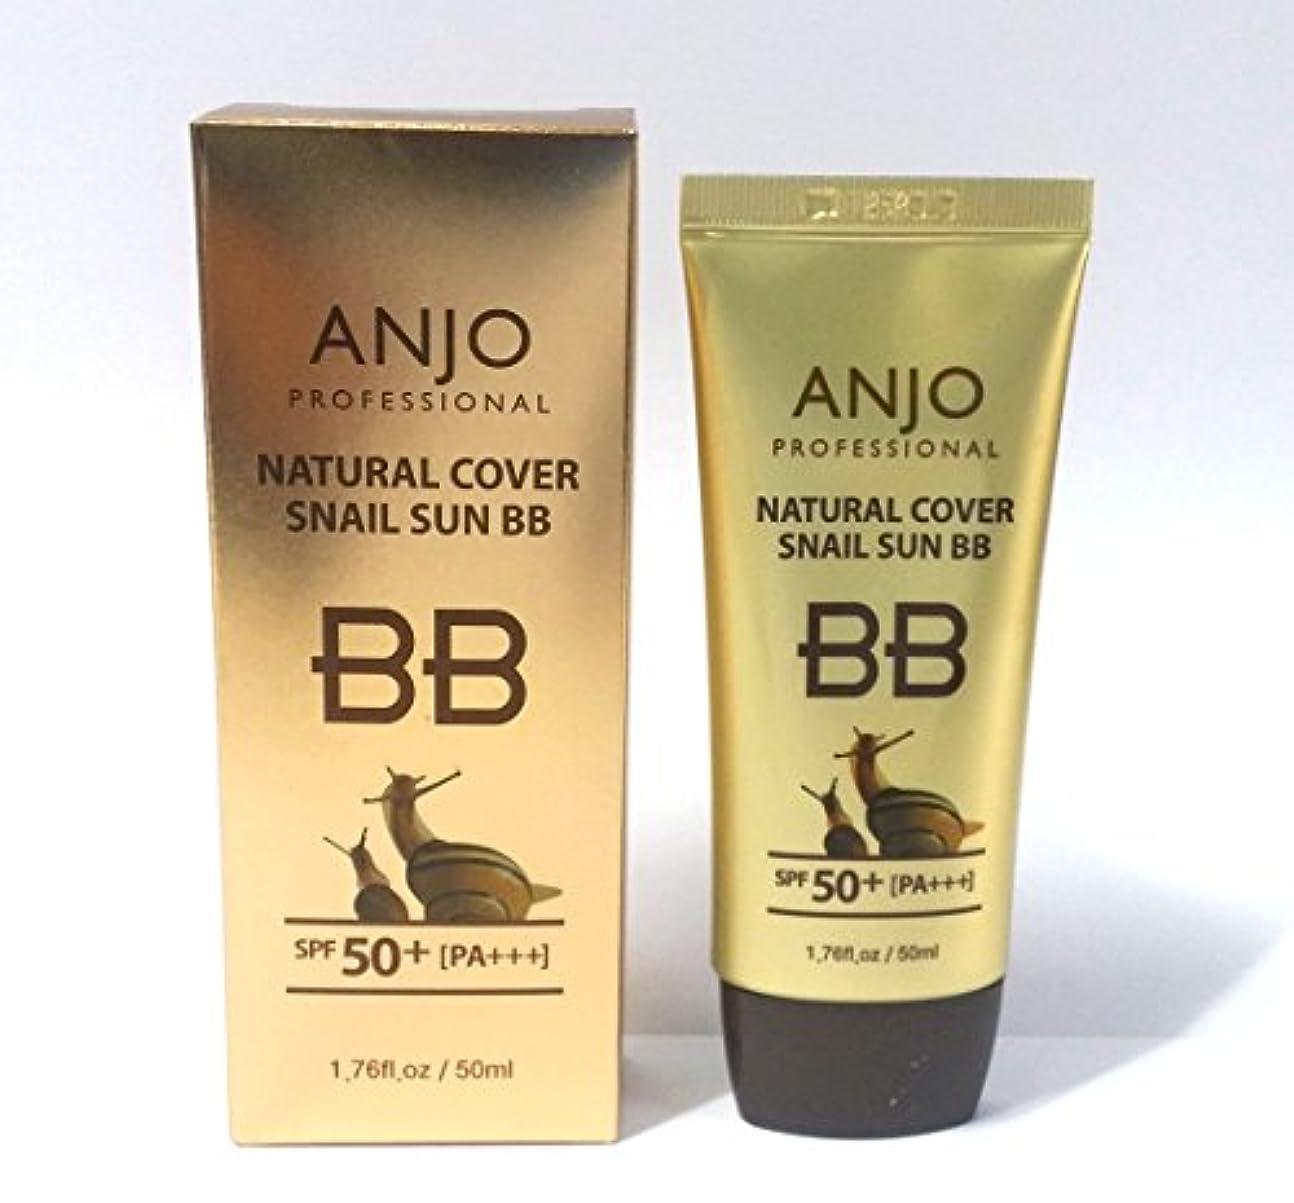 通信するコールド除外する[ANJO] ナチュラルカバーカタツムリサンBBクリームSPF 50 + PA +++ 50ml X 1EA /メイクアップベース/カタツムリ粘液 / Natural Cover Snail Sun BB Cream SPF...